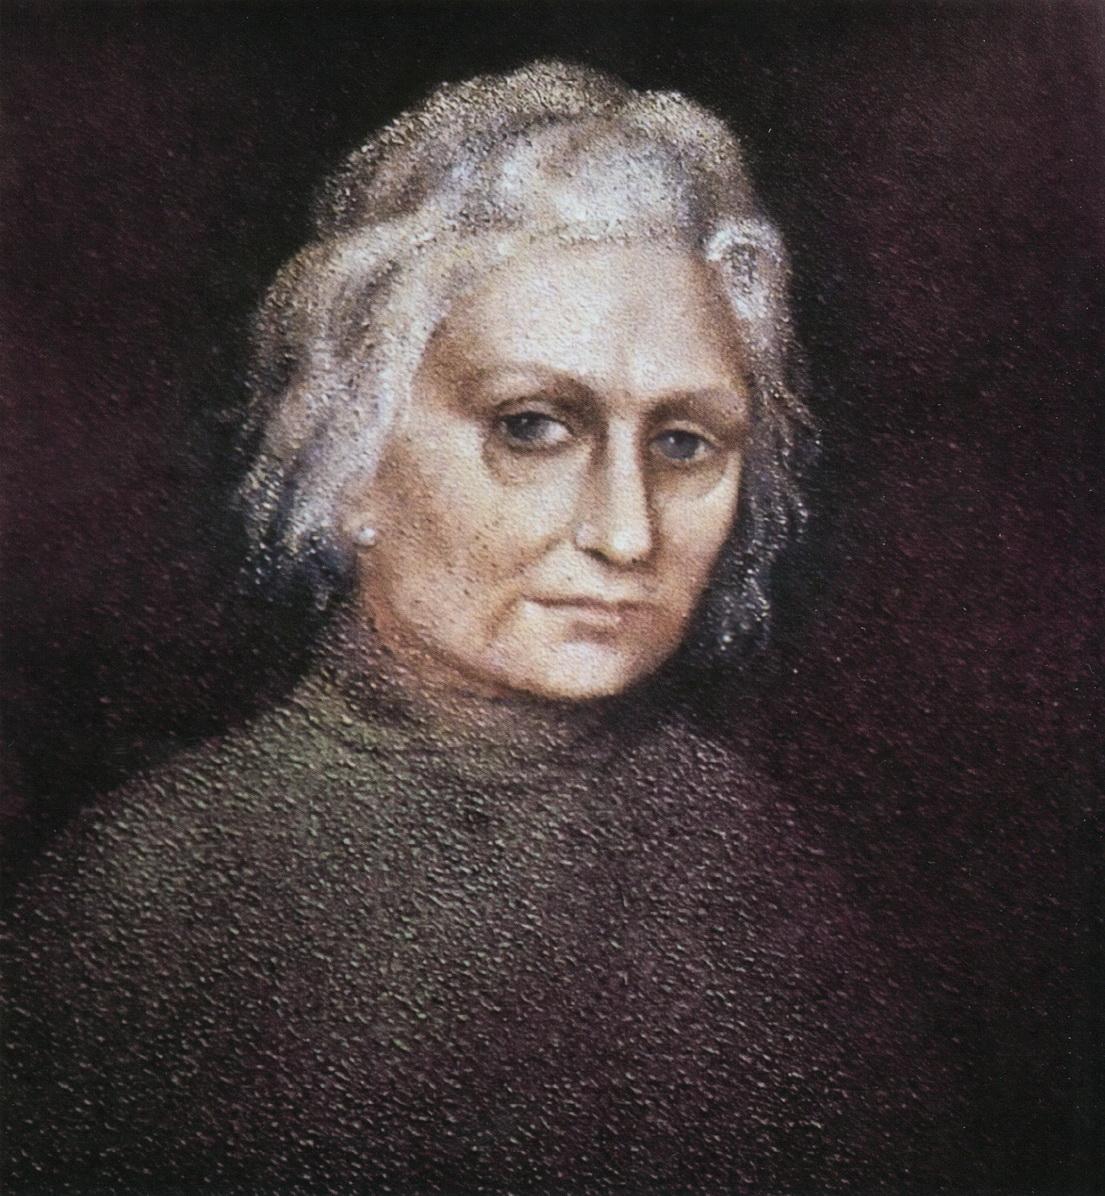 Портрет Мэри Шелванкар